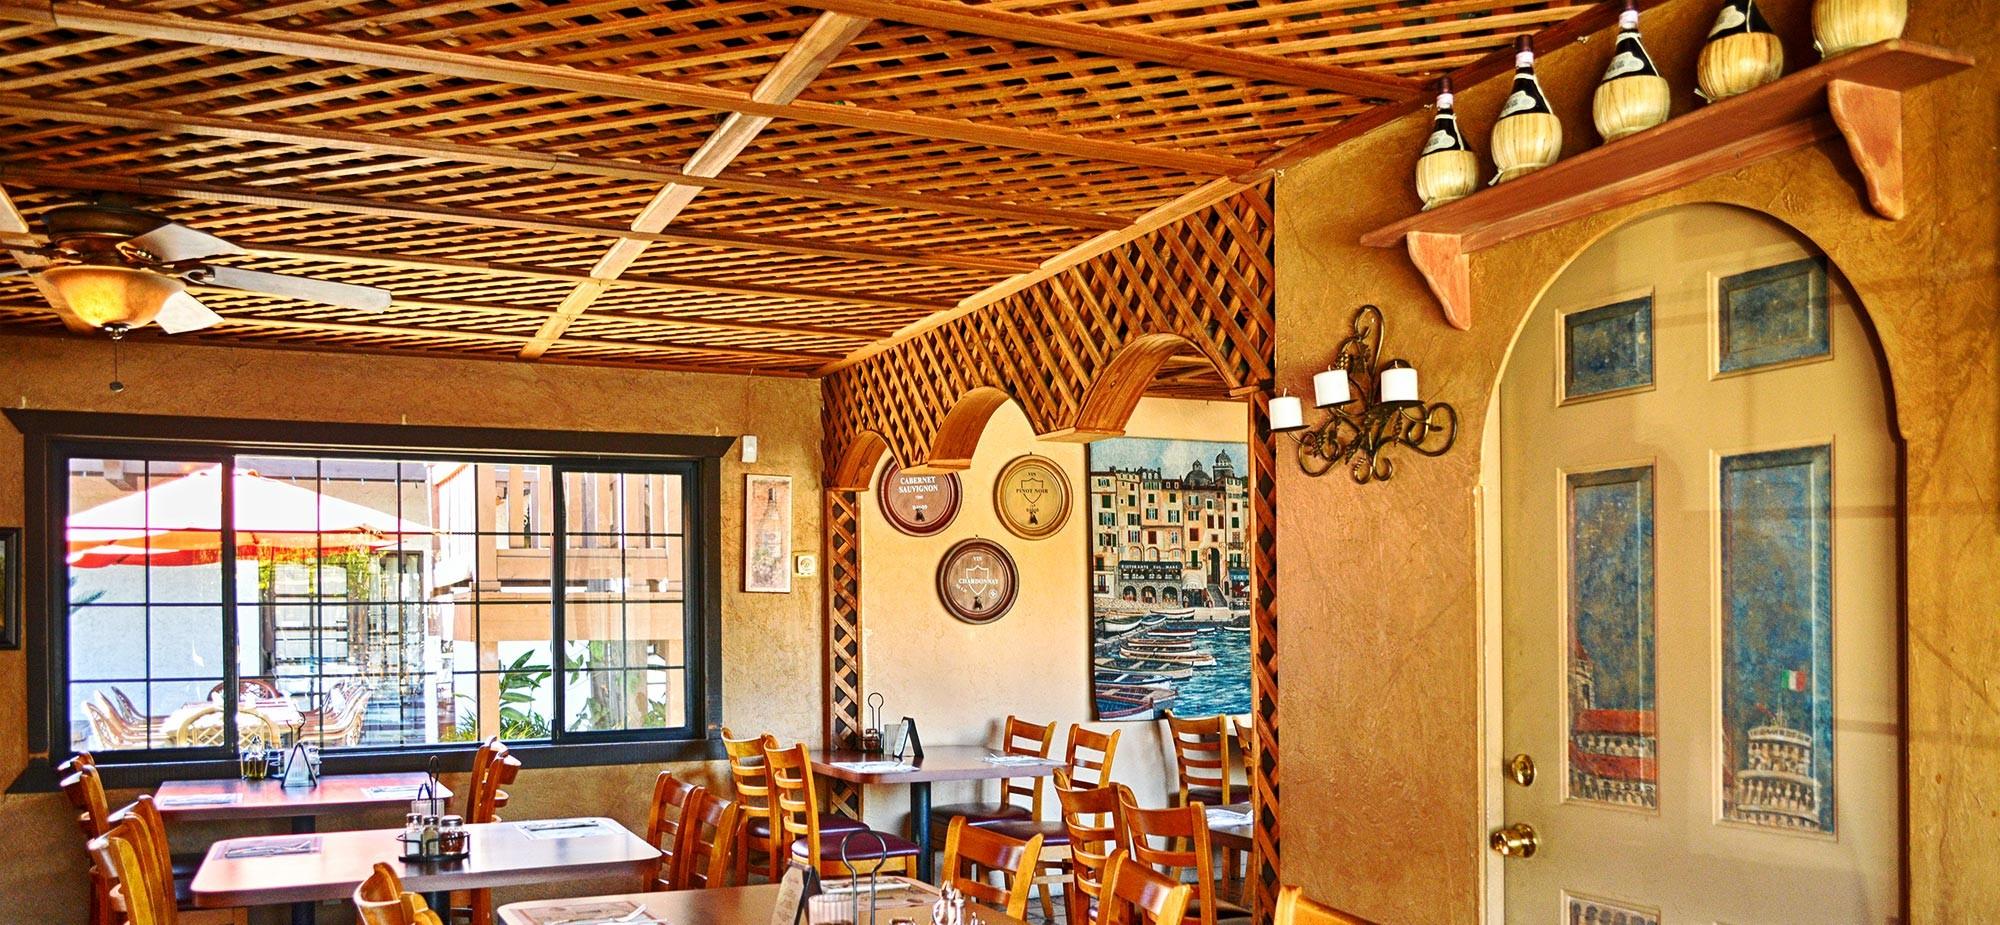 Italian Restaurant Old Town